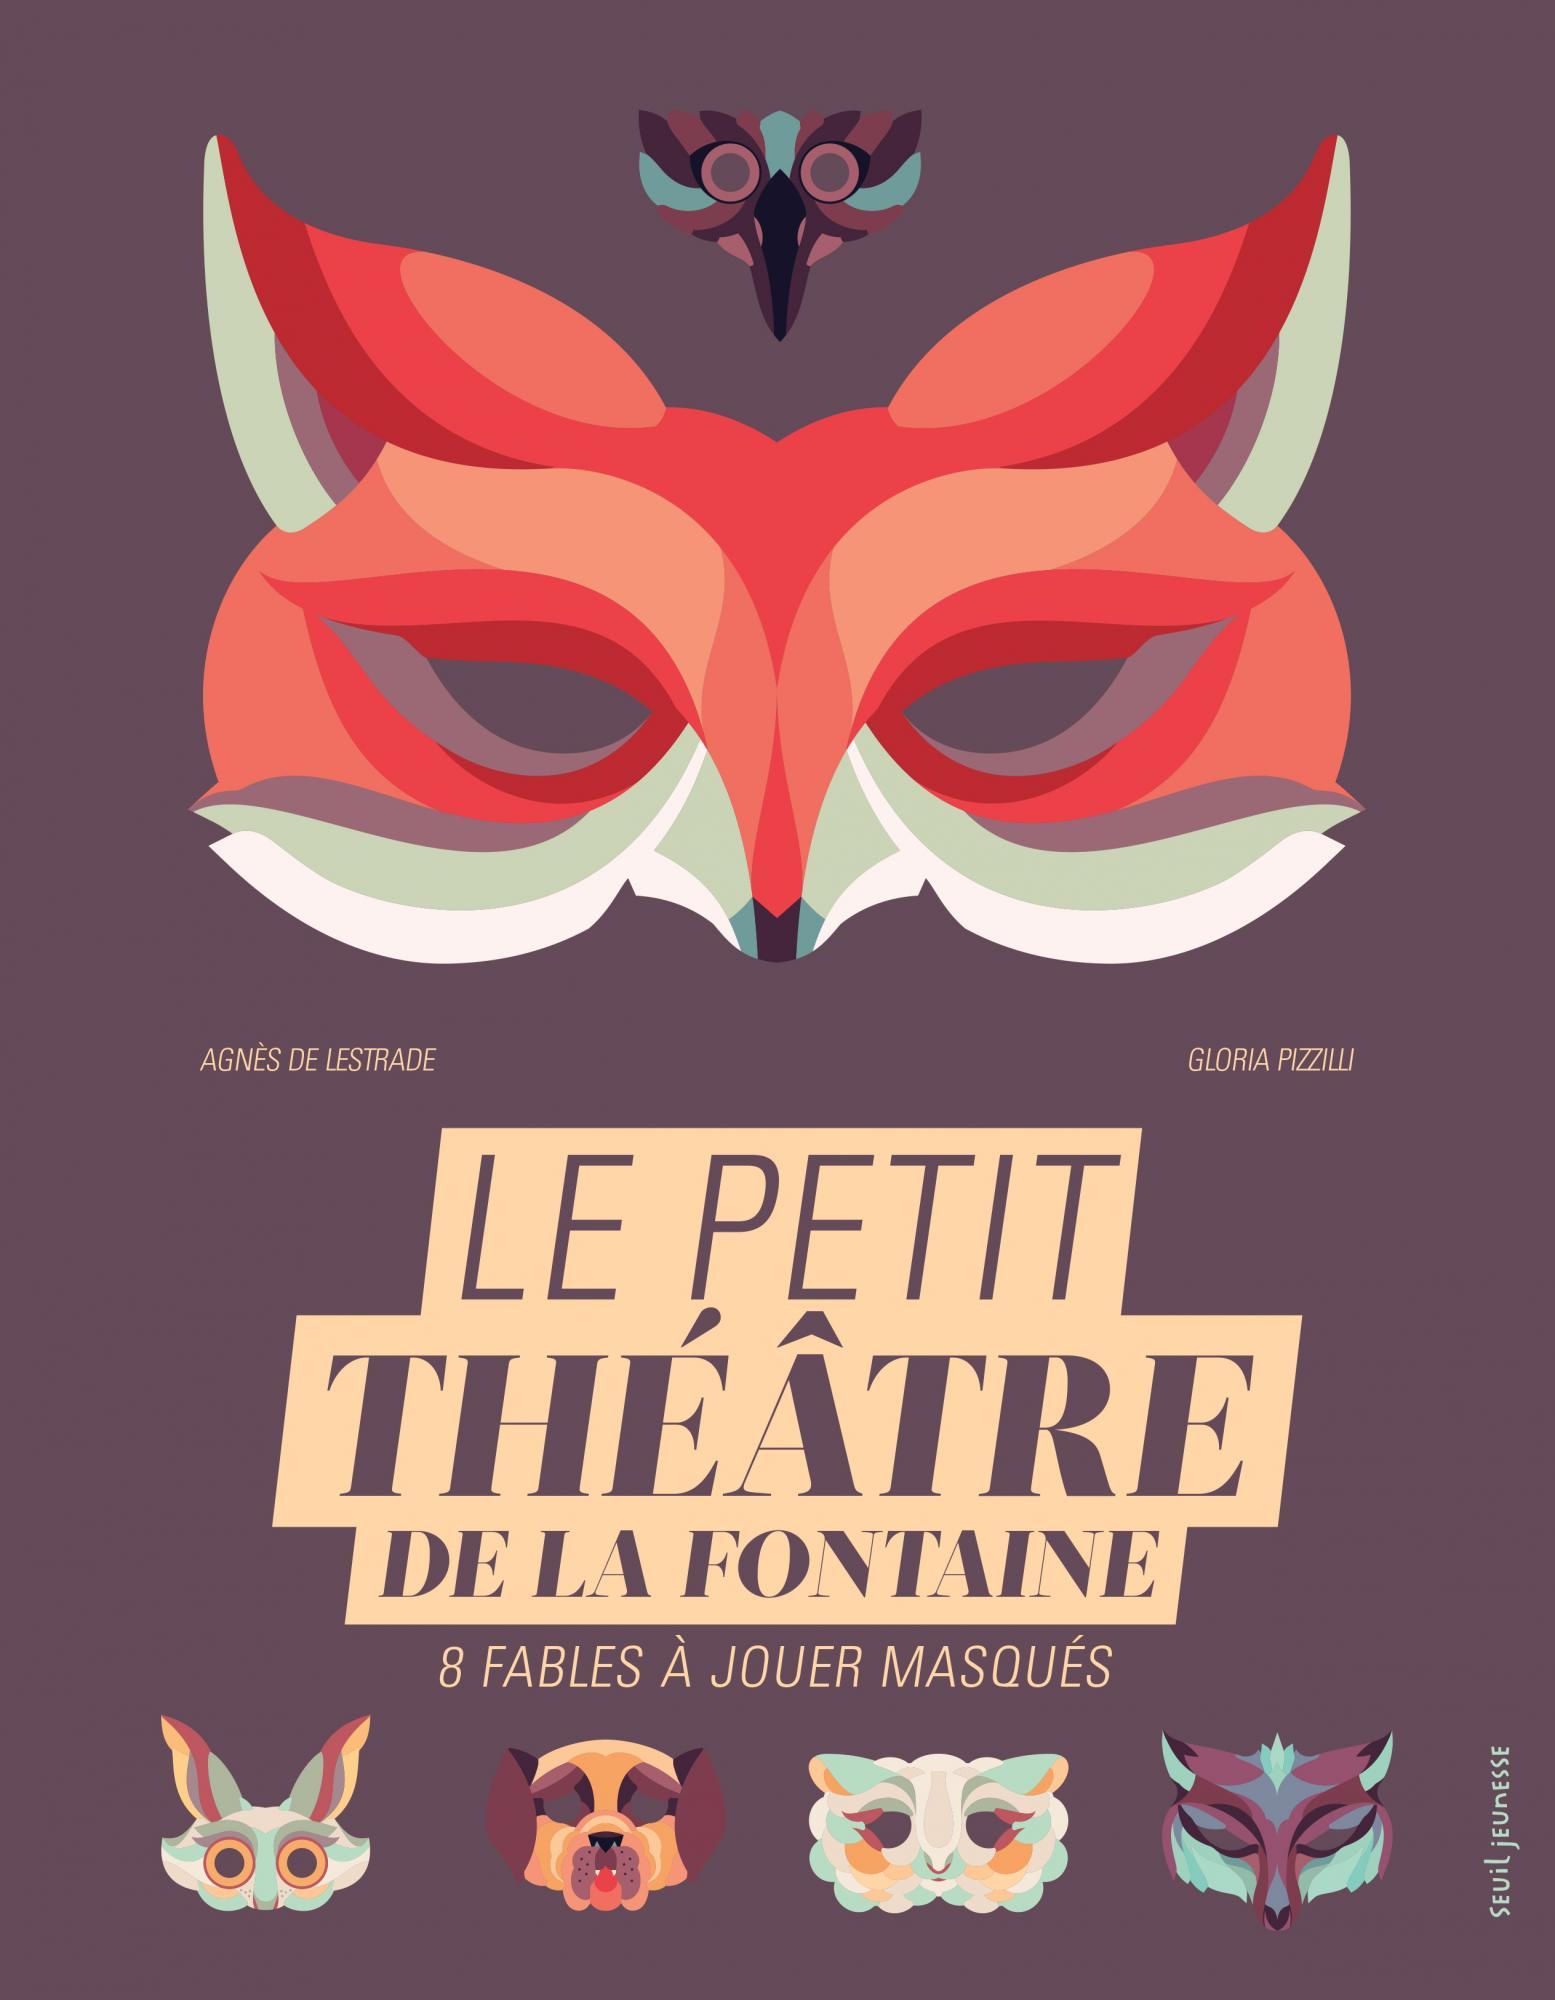 Le petit theatre de La Fontaine